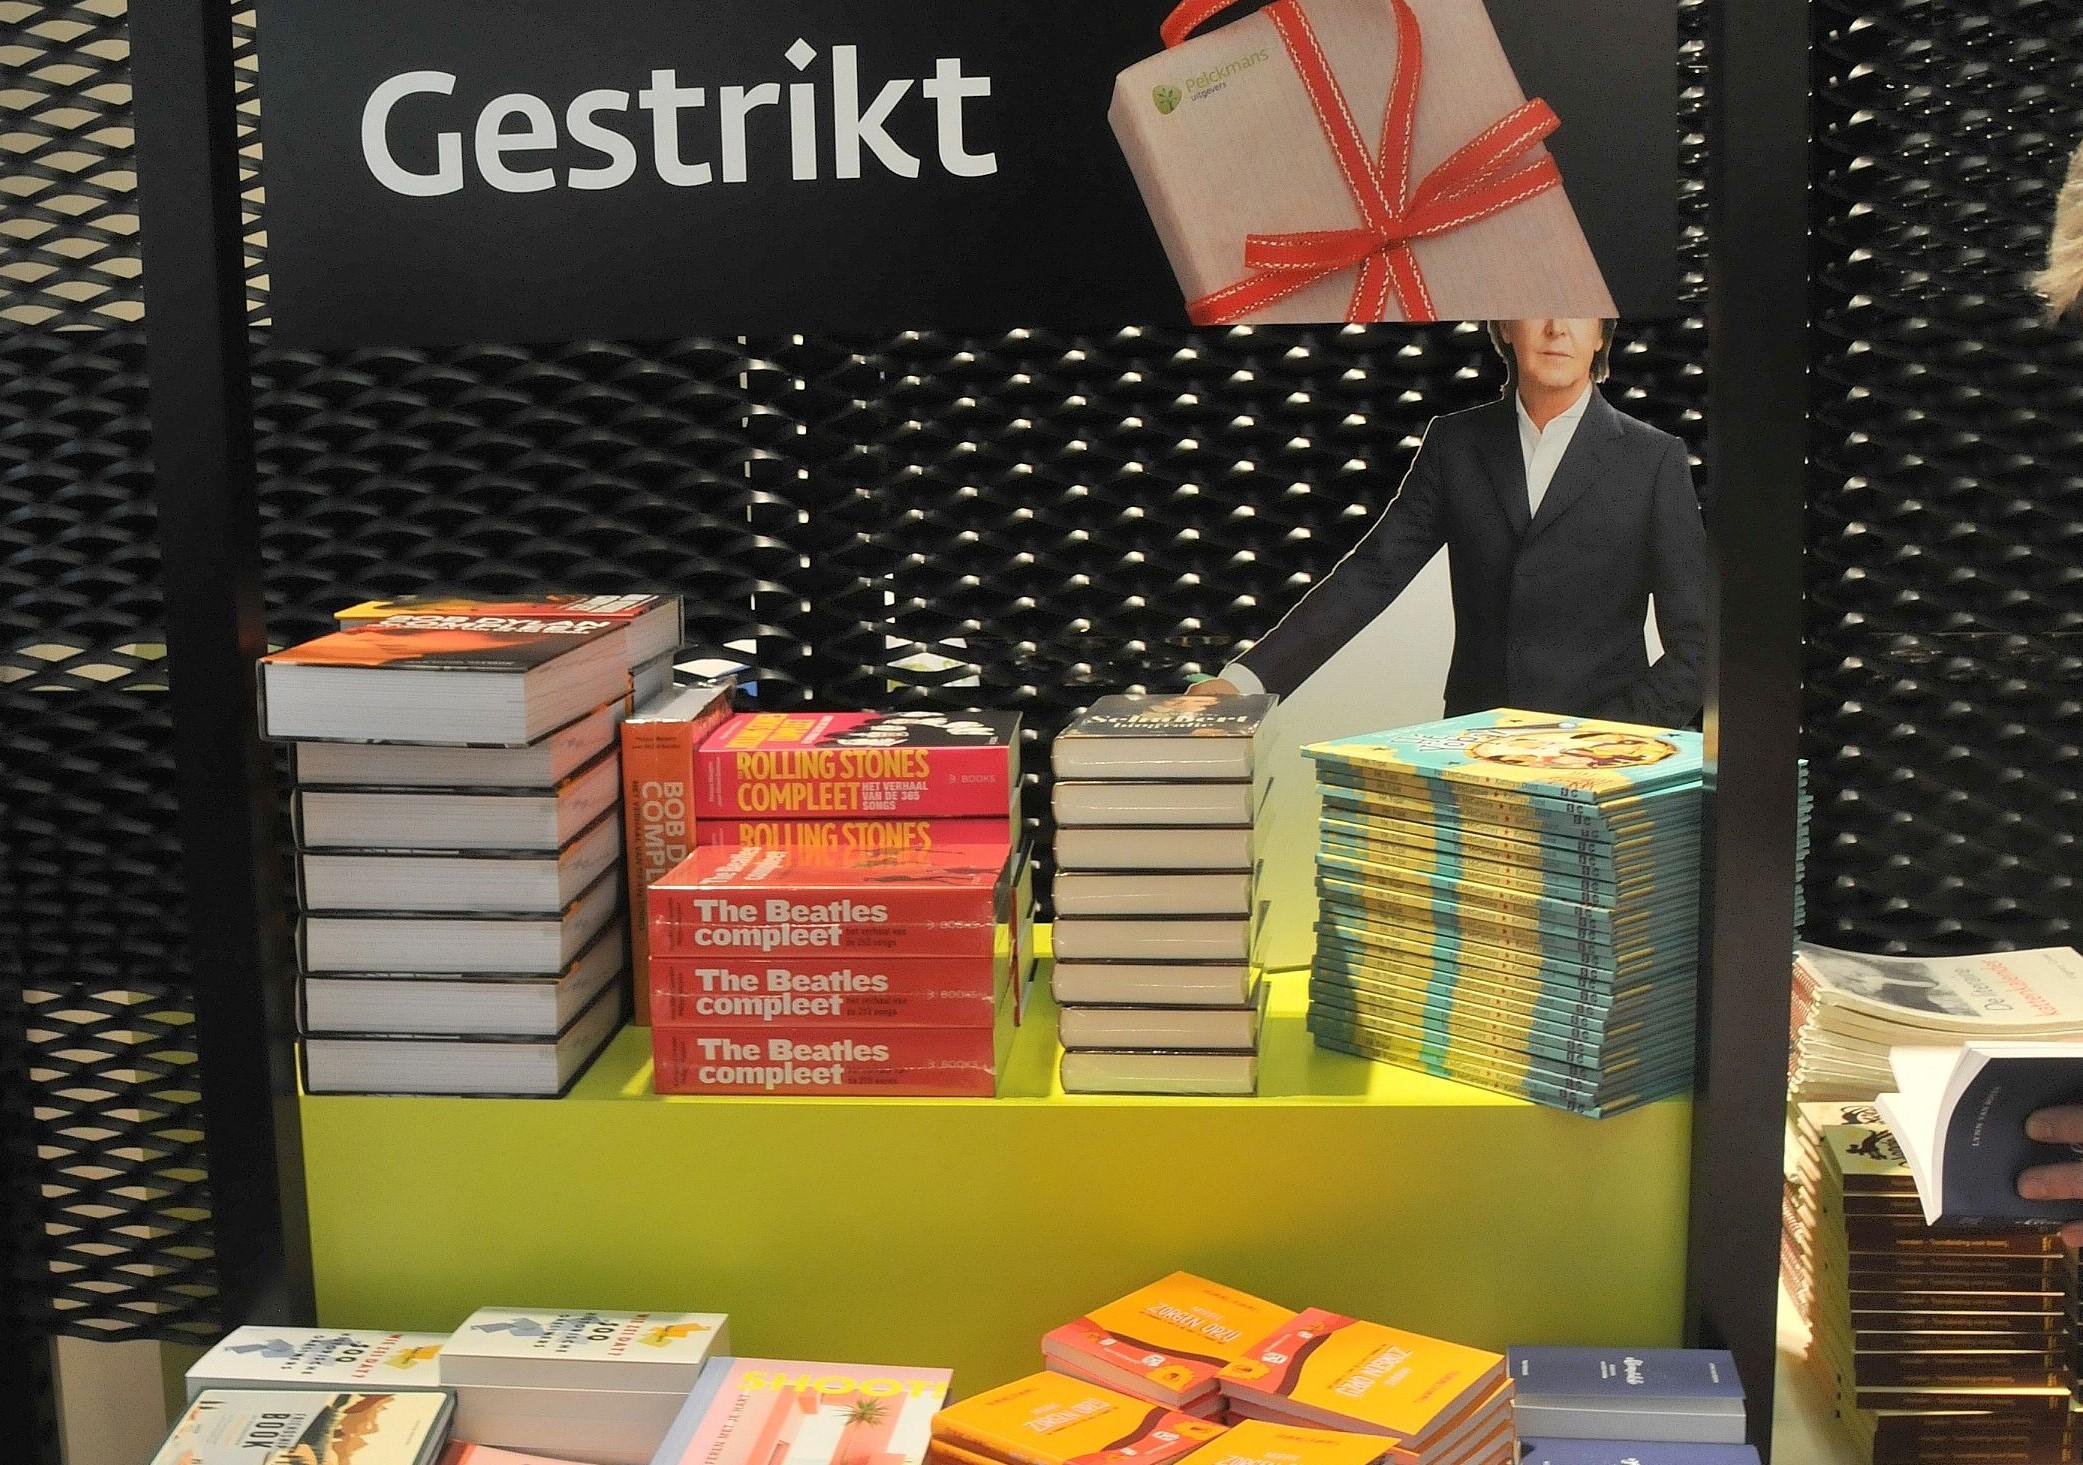 De Boekenbeurs in Antwerpen © Philippe Keulemans